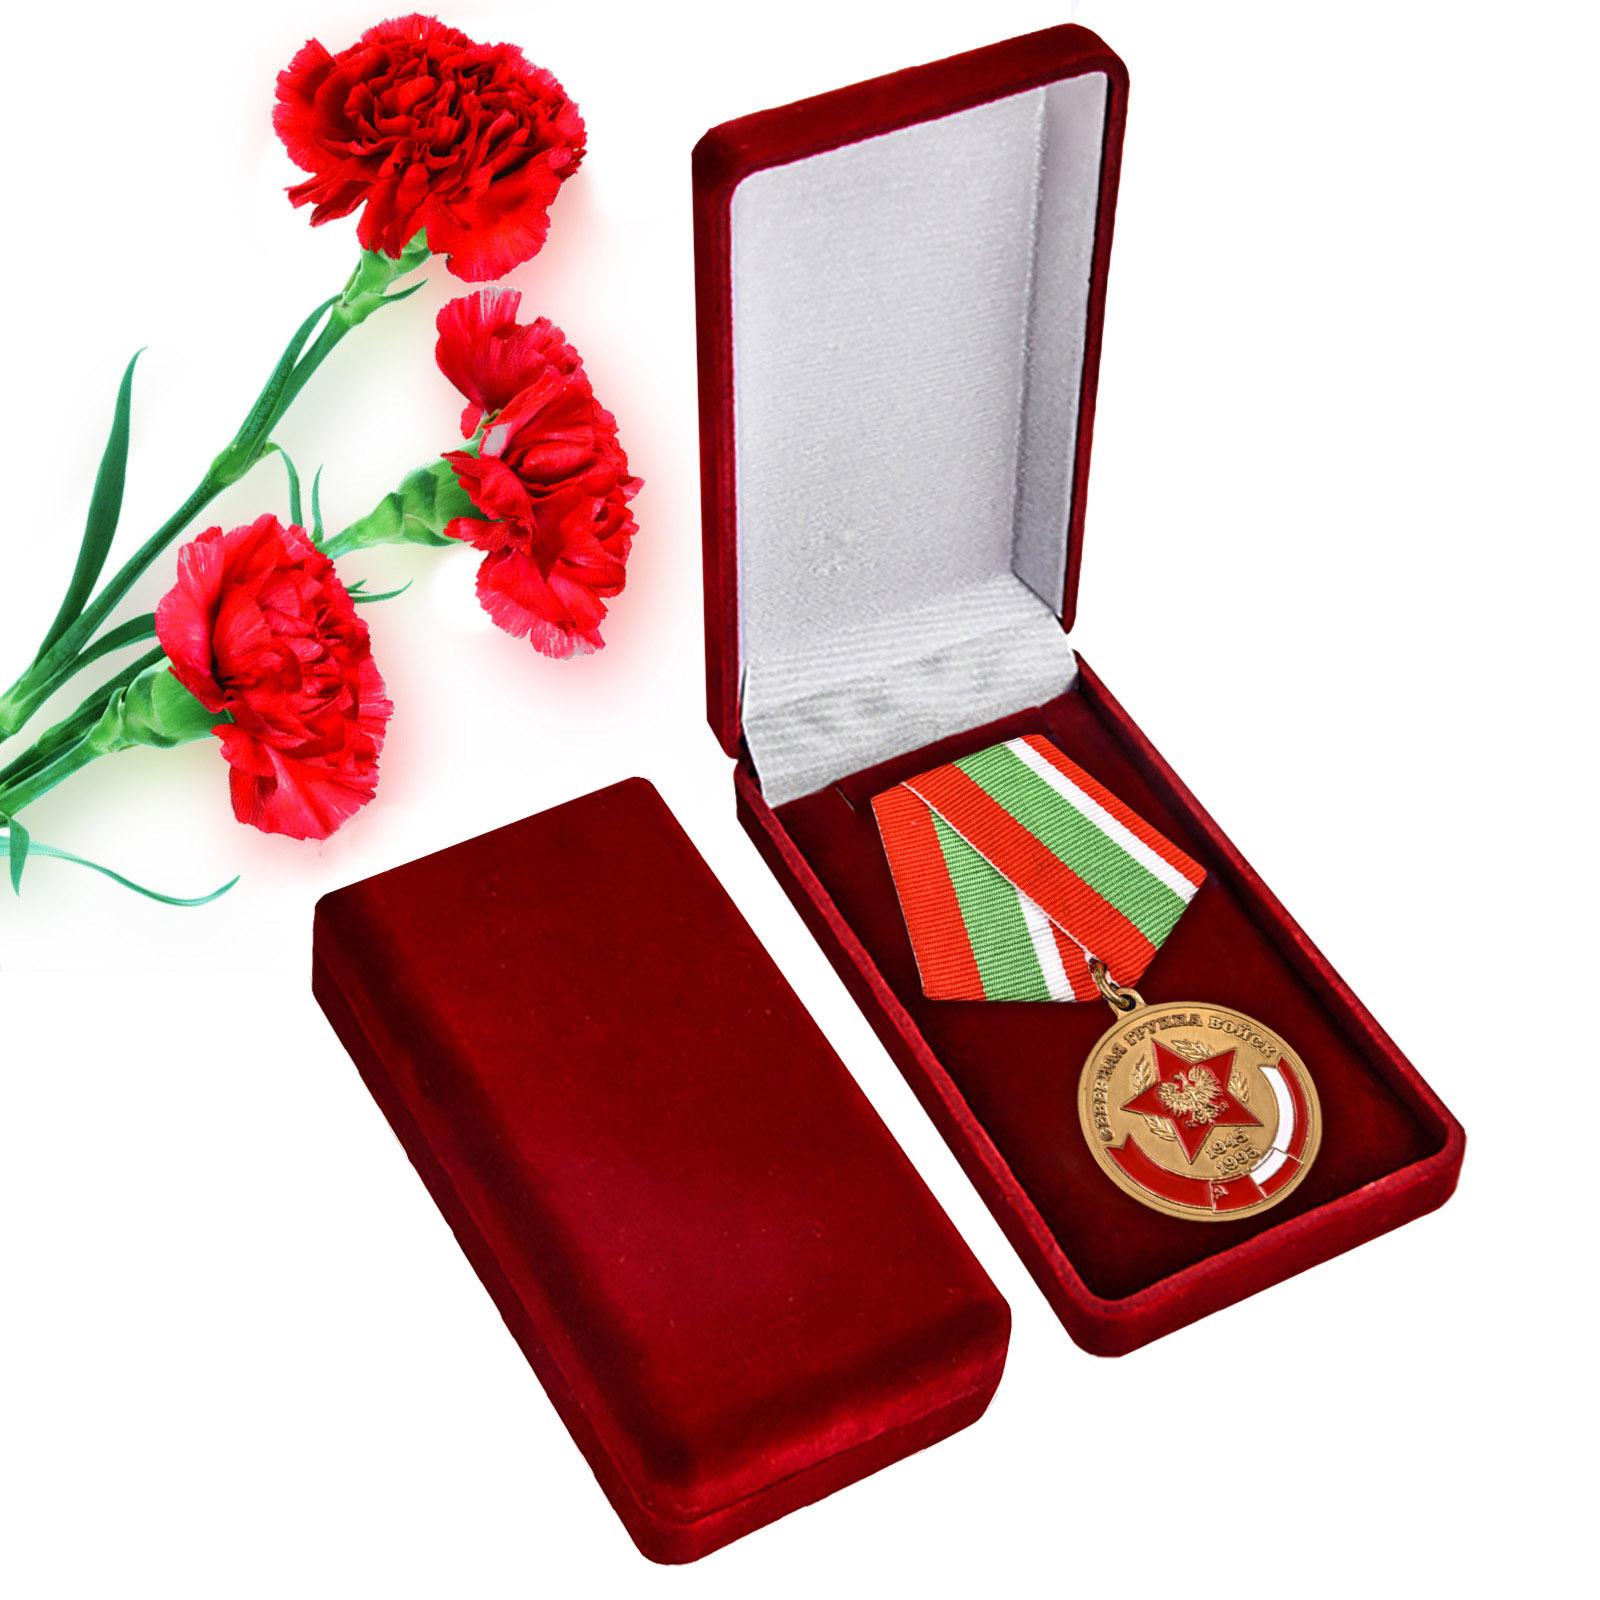 Купить латунную медаль Северная Группа Войск 1945-1993 по лучшей цене